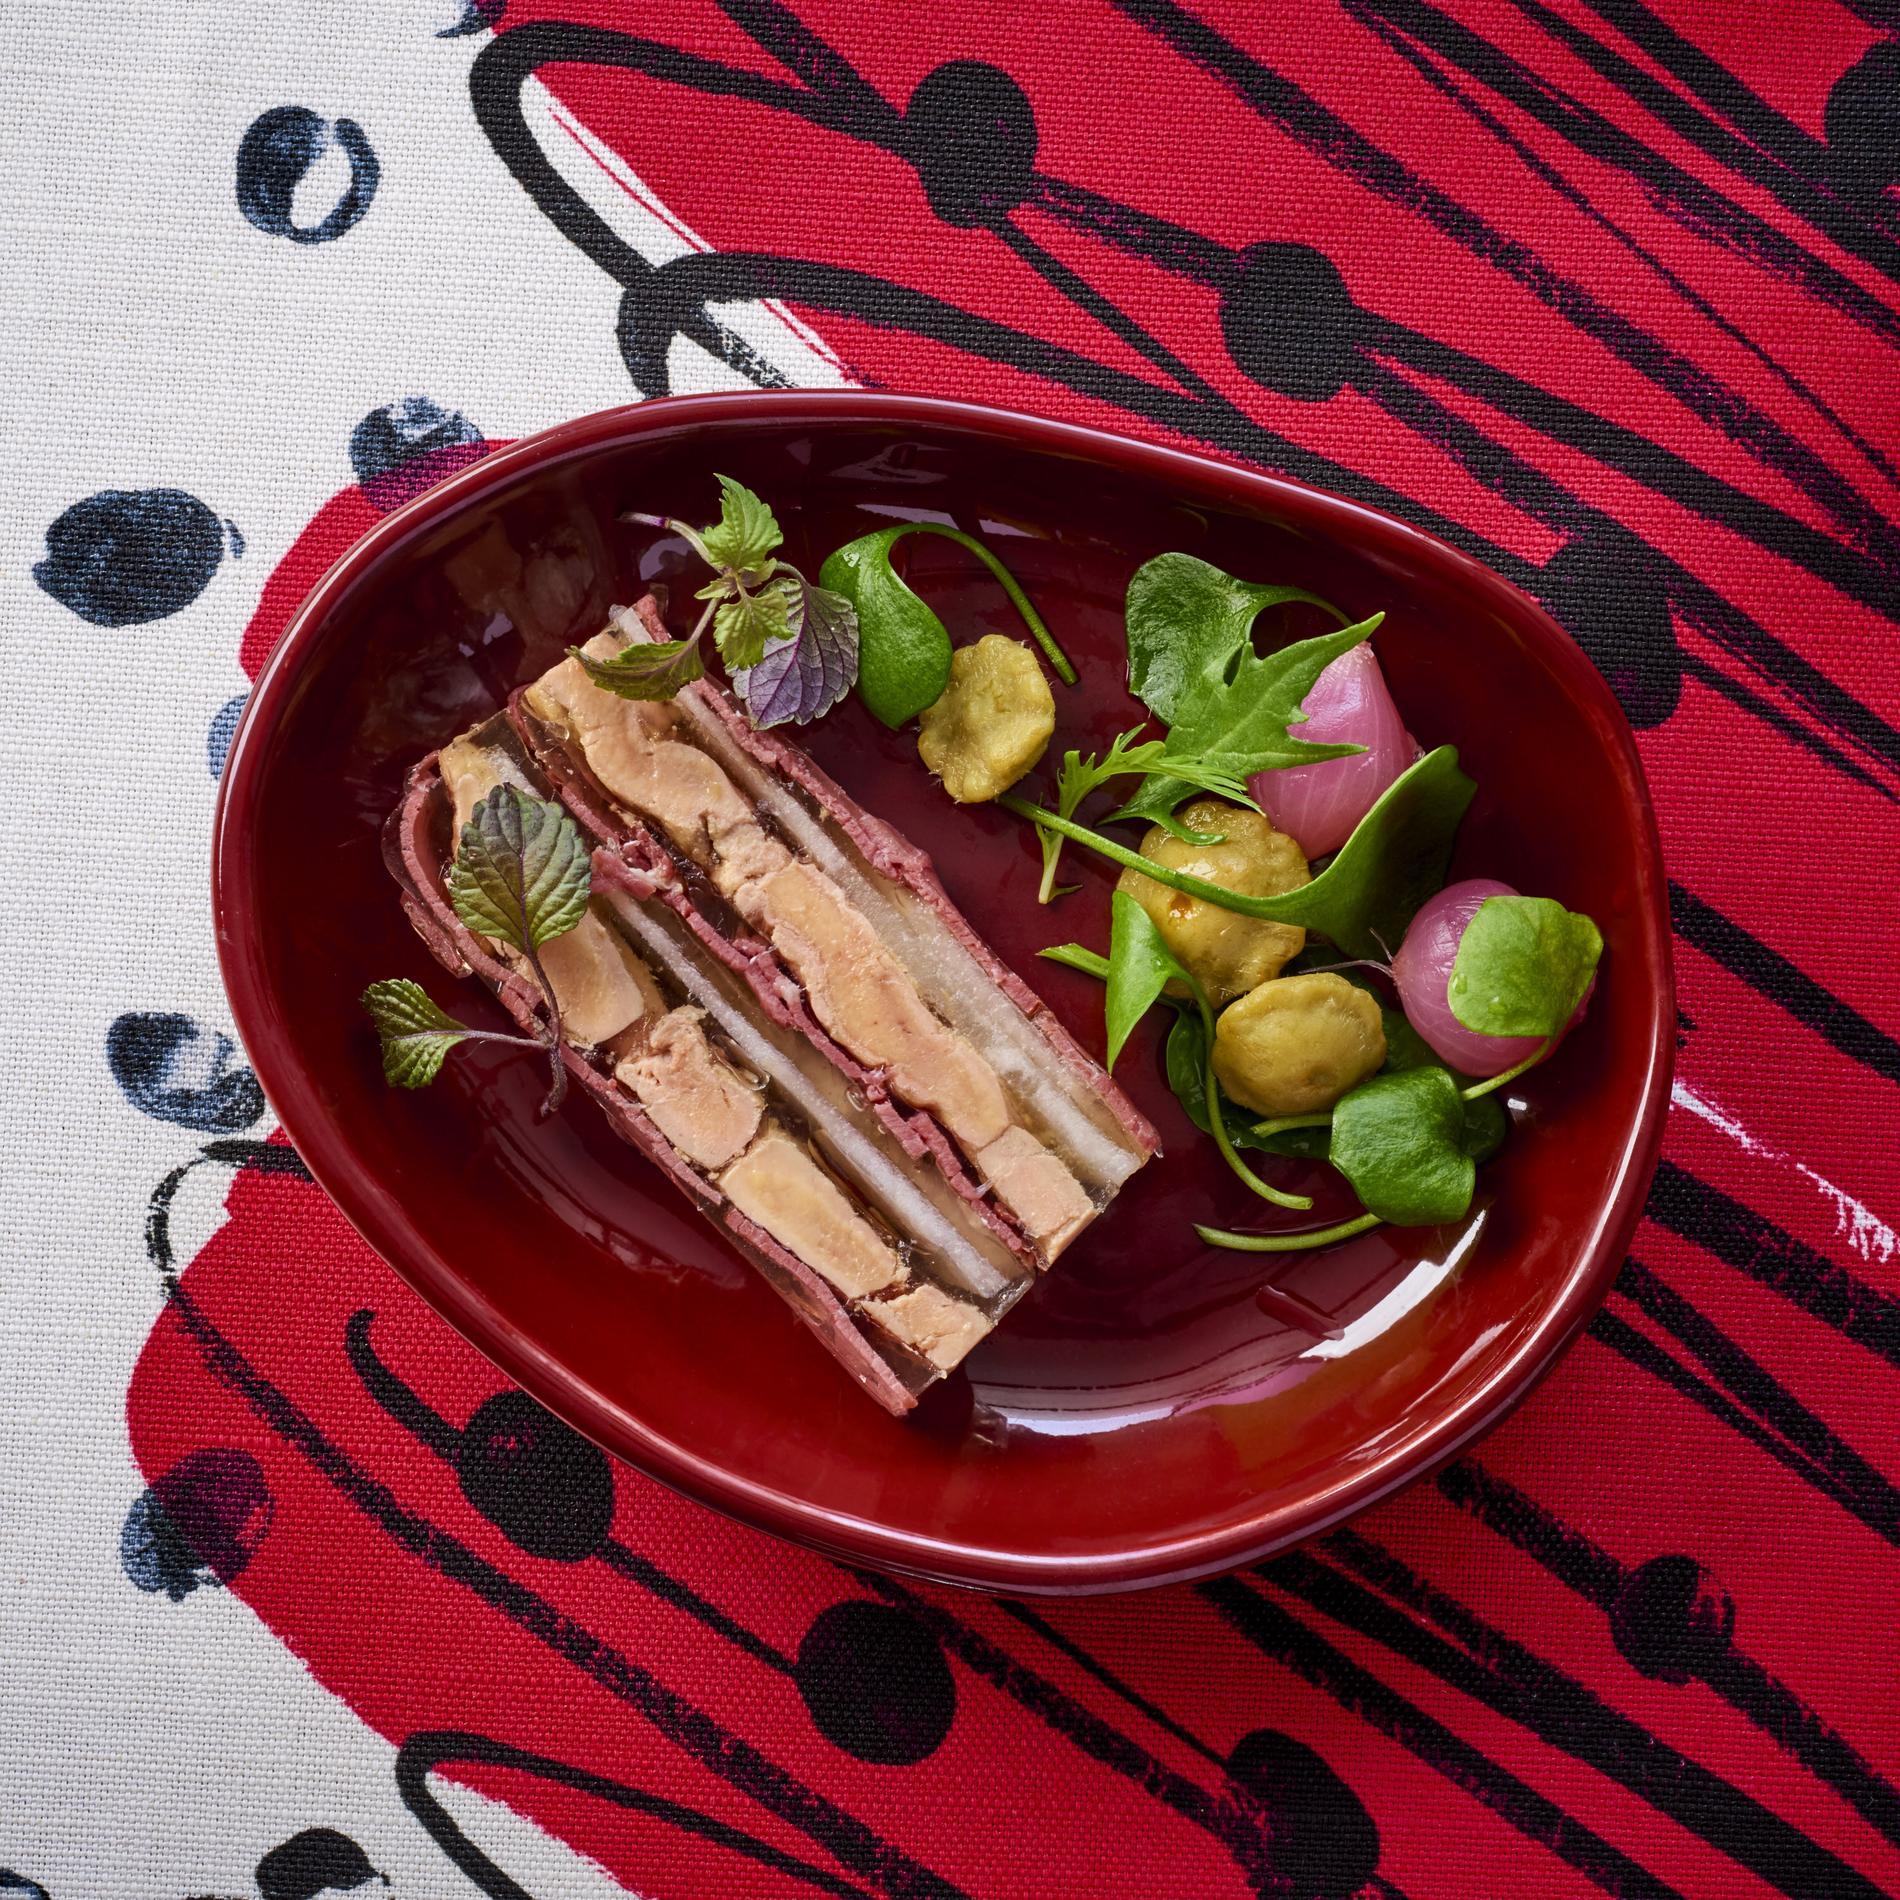 Recette press de foie gras cuisine madame figaro for Agencement cuisine du sud